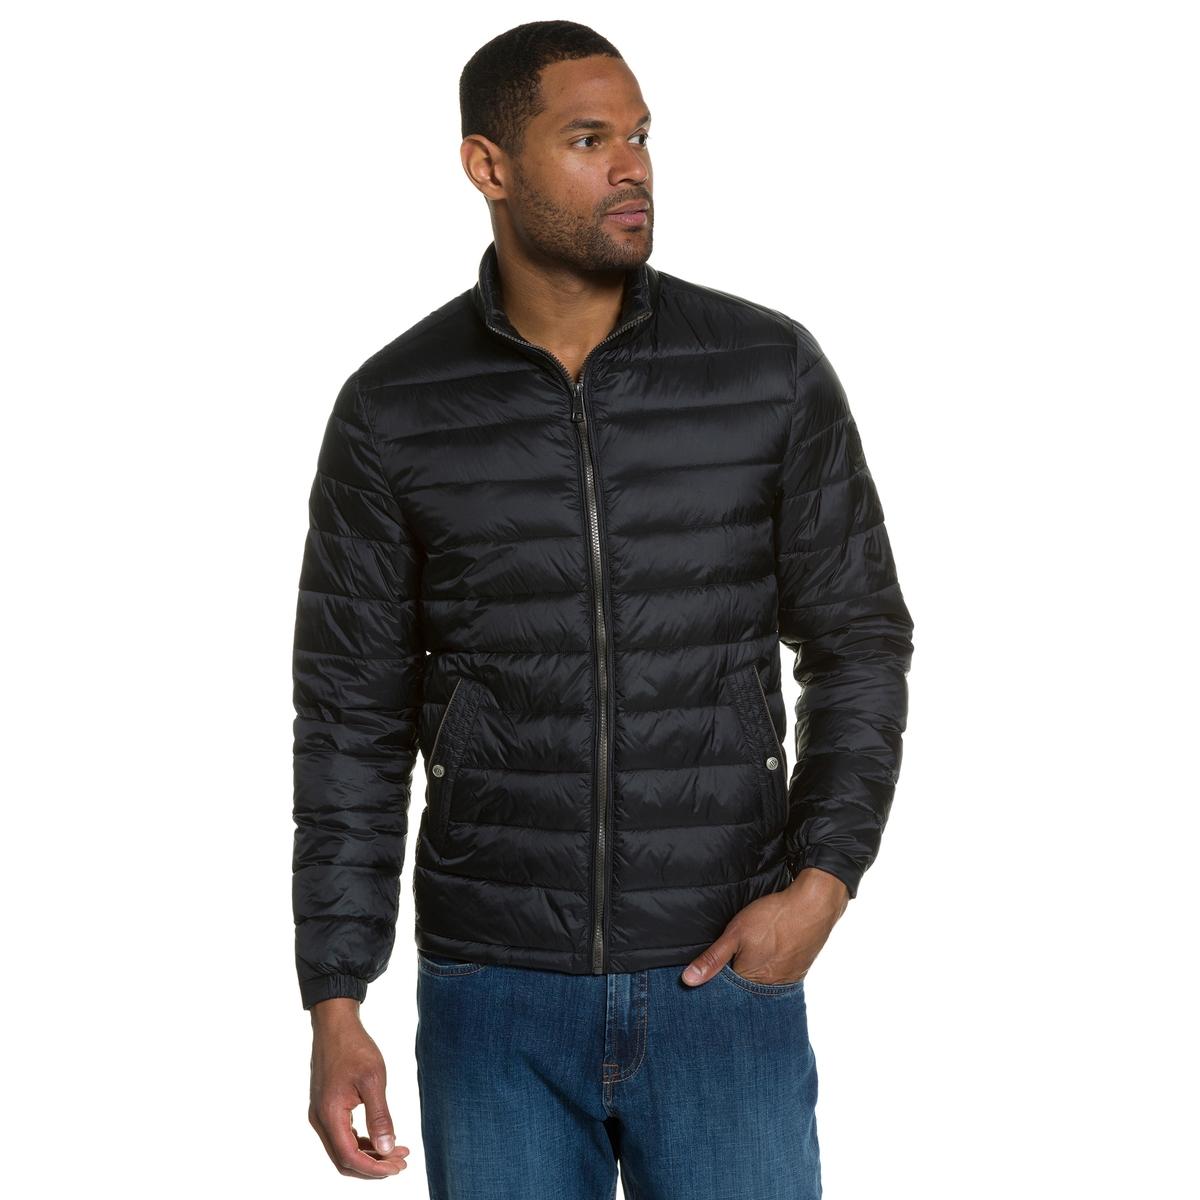 Куртка стеганаяОчень легкая и теплая куртка . Настоящее ощущение пуха ! Прямой воротник, на молнии, 2 кармана . Подкладка с карманами. Длина в зависимости от размера 70 - 79 см .<br><br>Цвет: черный